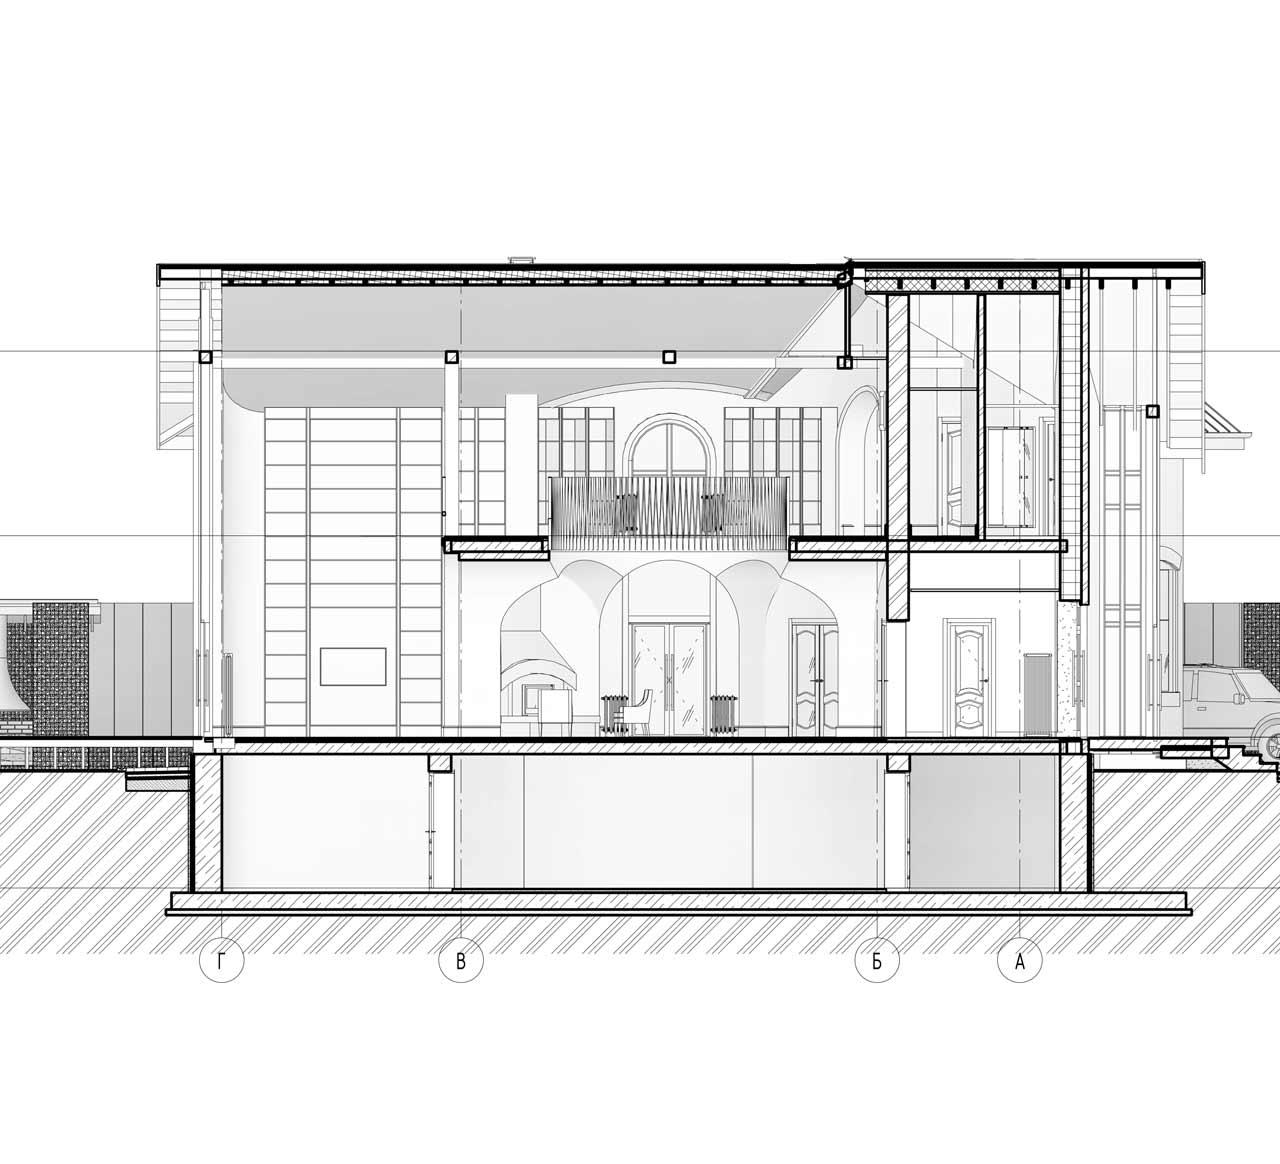 Разрез дома с ландшафтом и дизайн интерьером